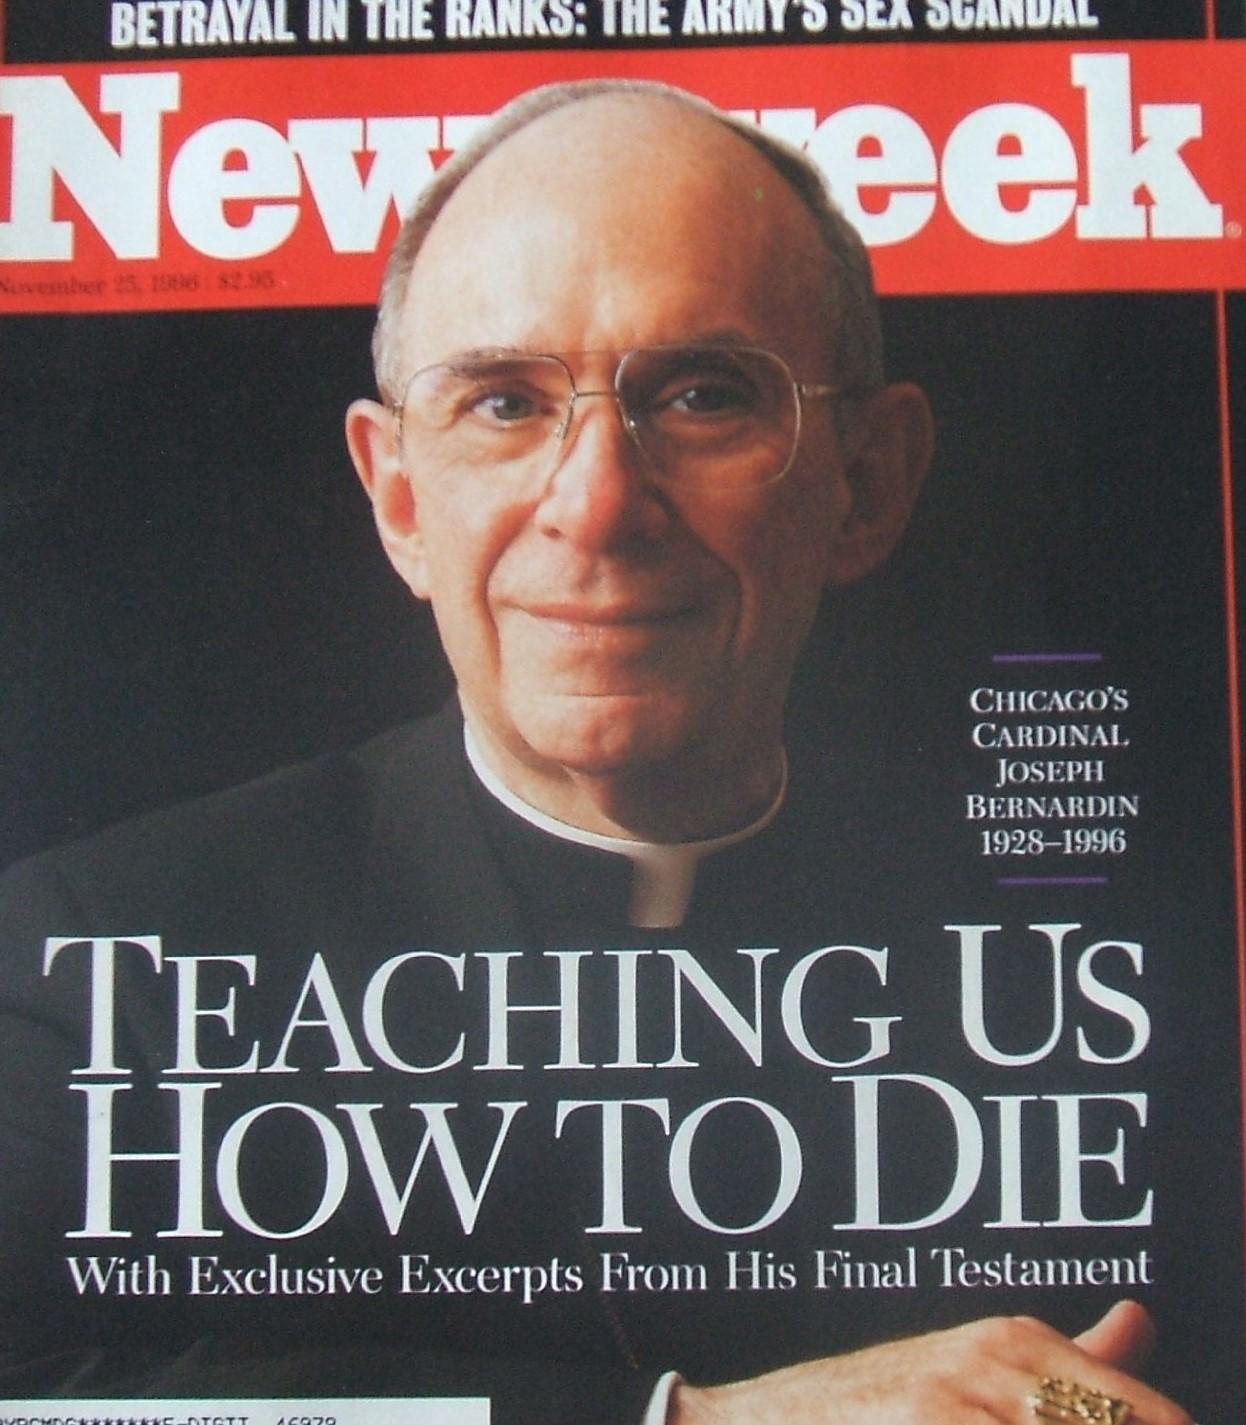 Bernardin Newsweek